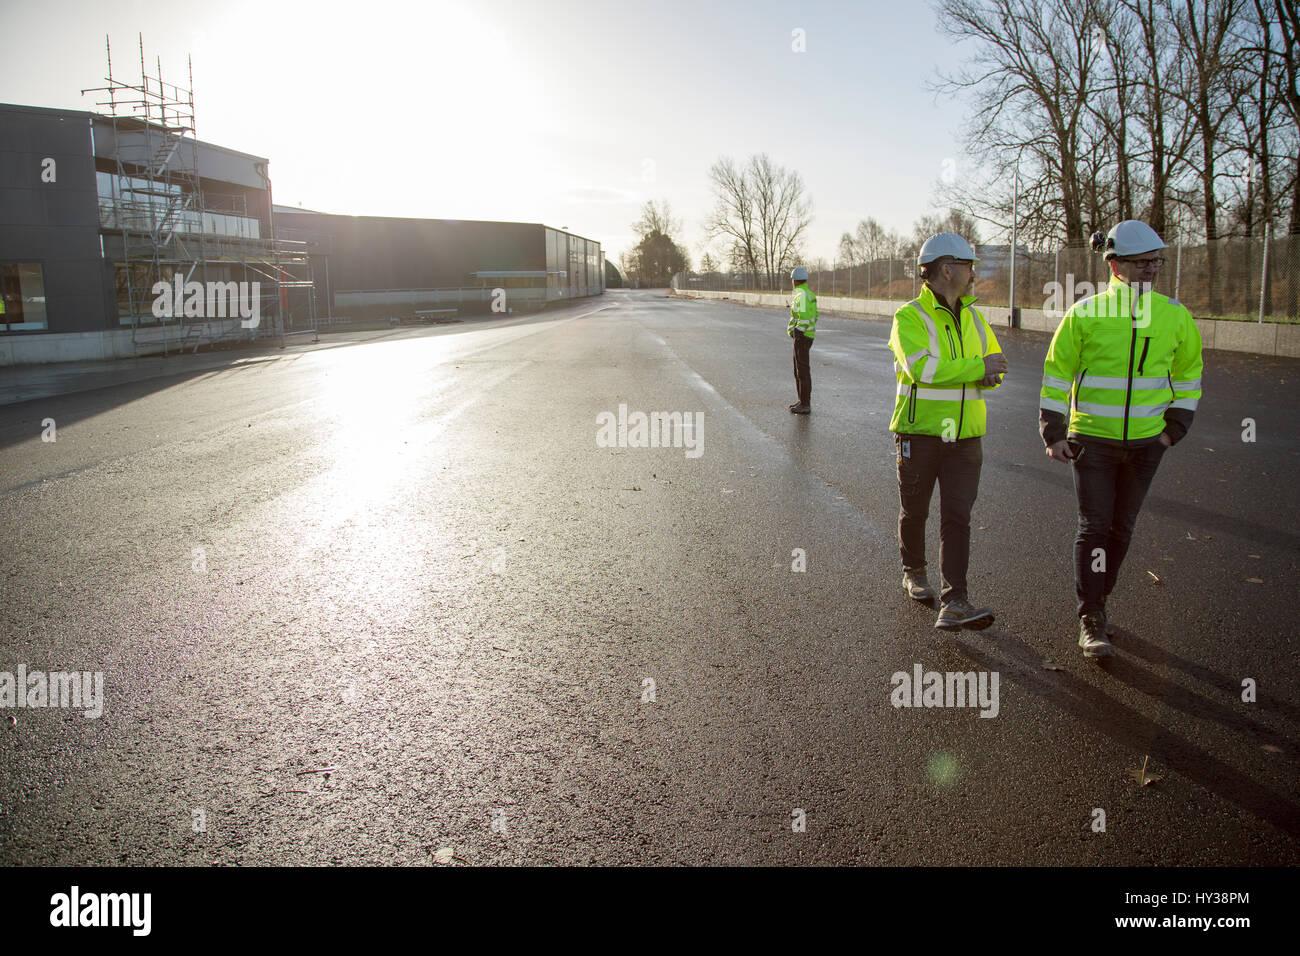 Suecia, madura hombres que vestían ropa de trabajo protectora en la calle fuera de sitio en construcción Imagen De Stock